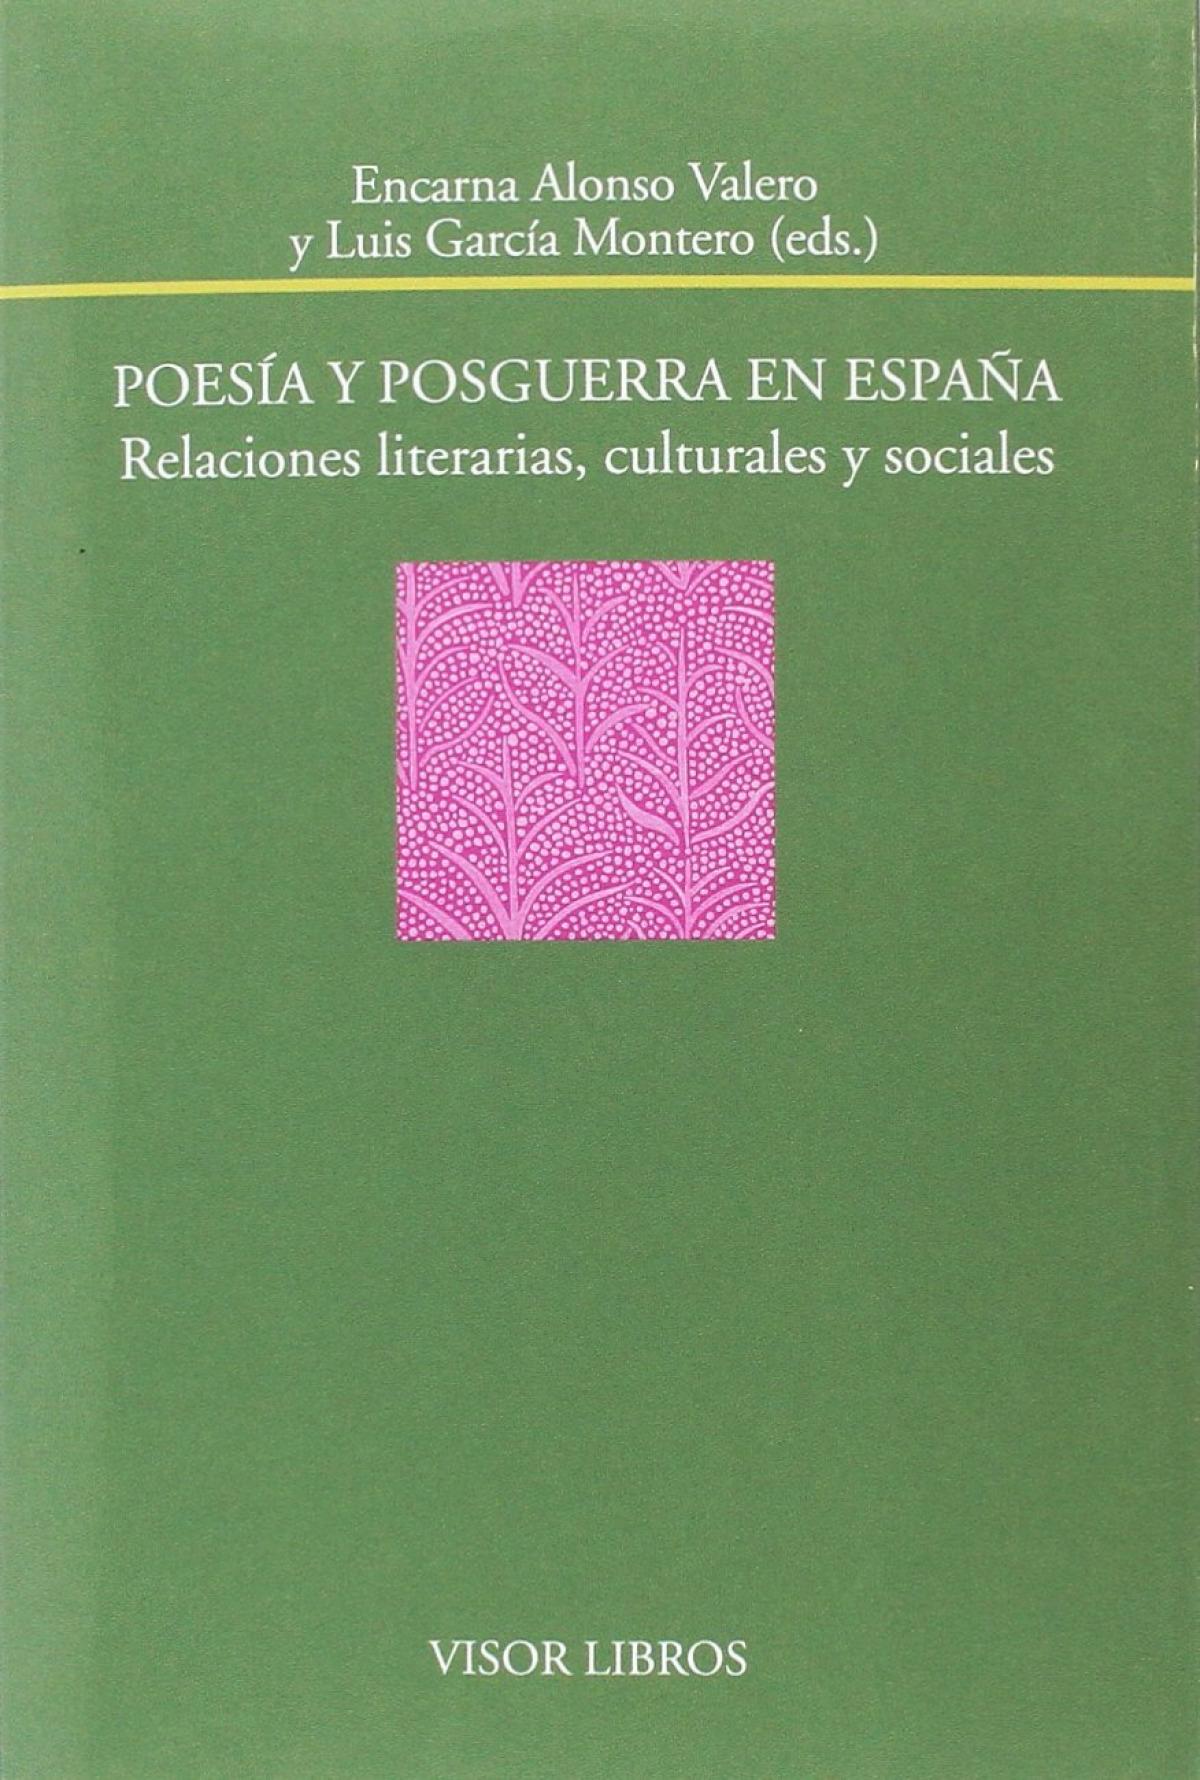 POESIA Y POSGUERRA EN ESPAÑA RELACIONES LITERARIAS, CULTURAL